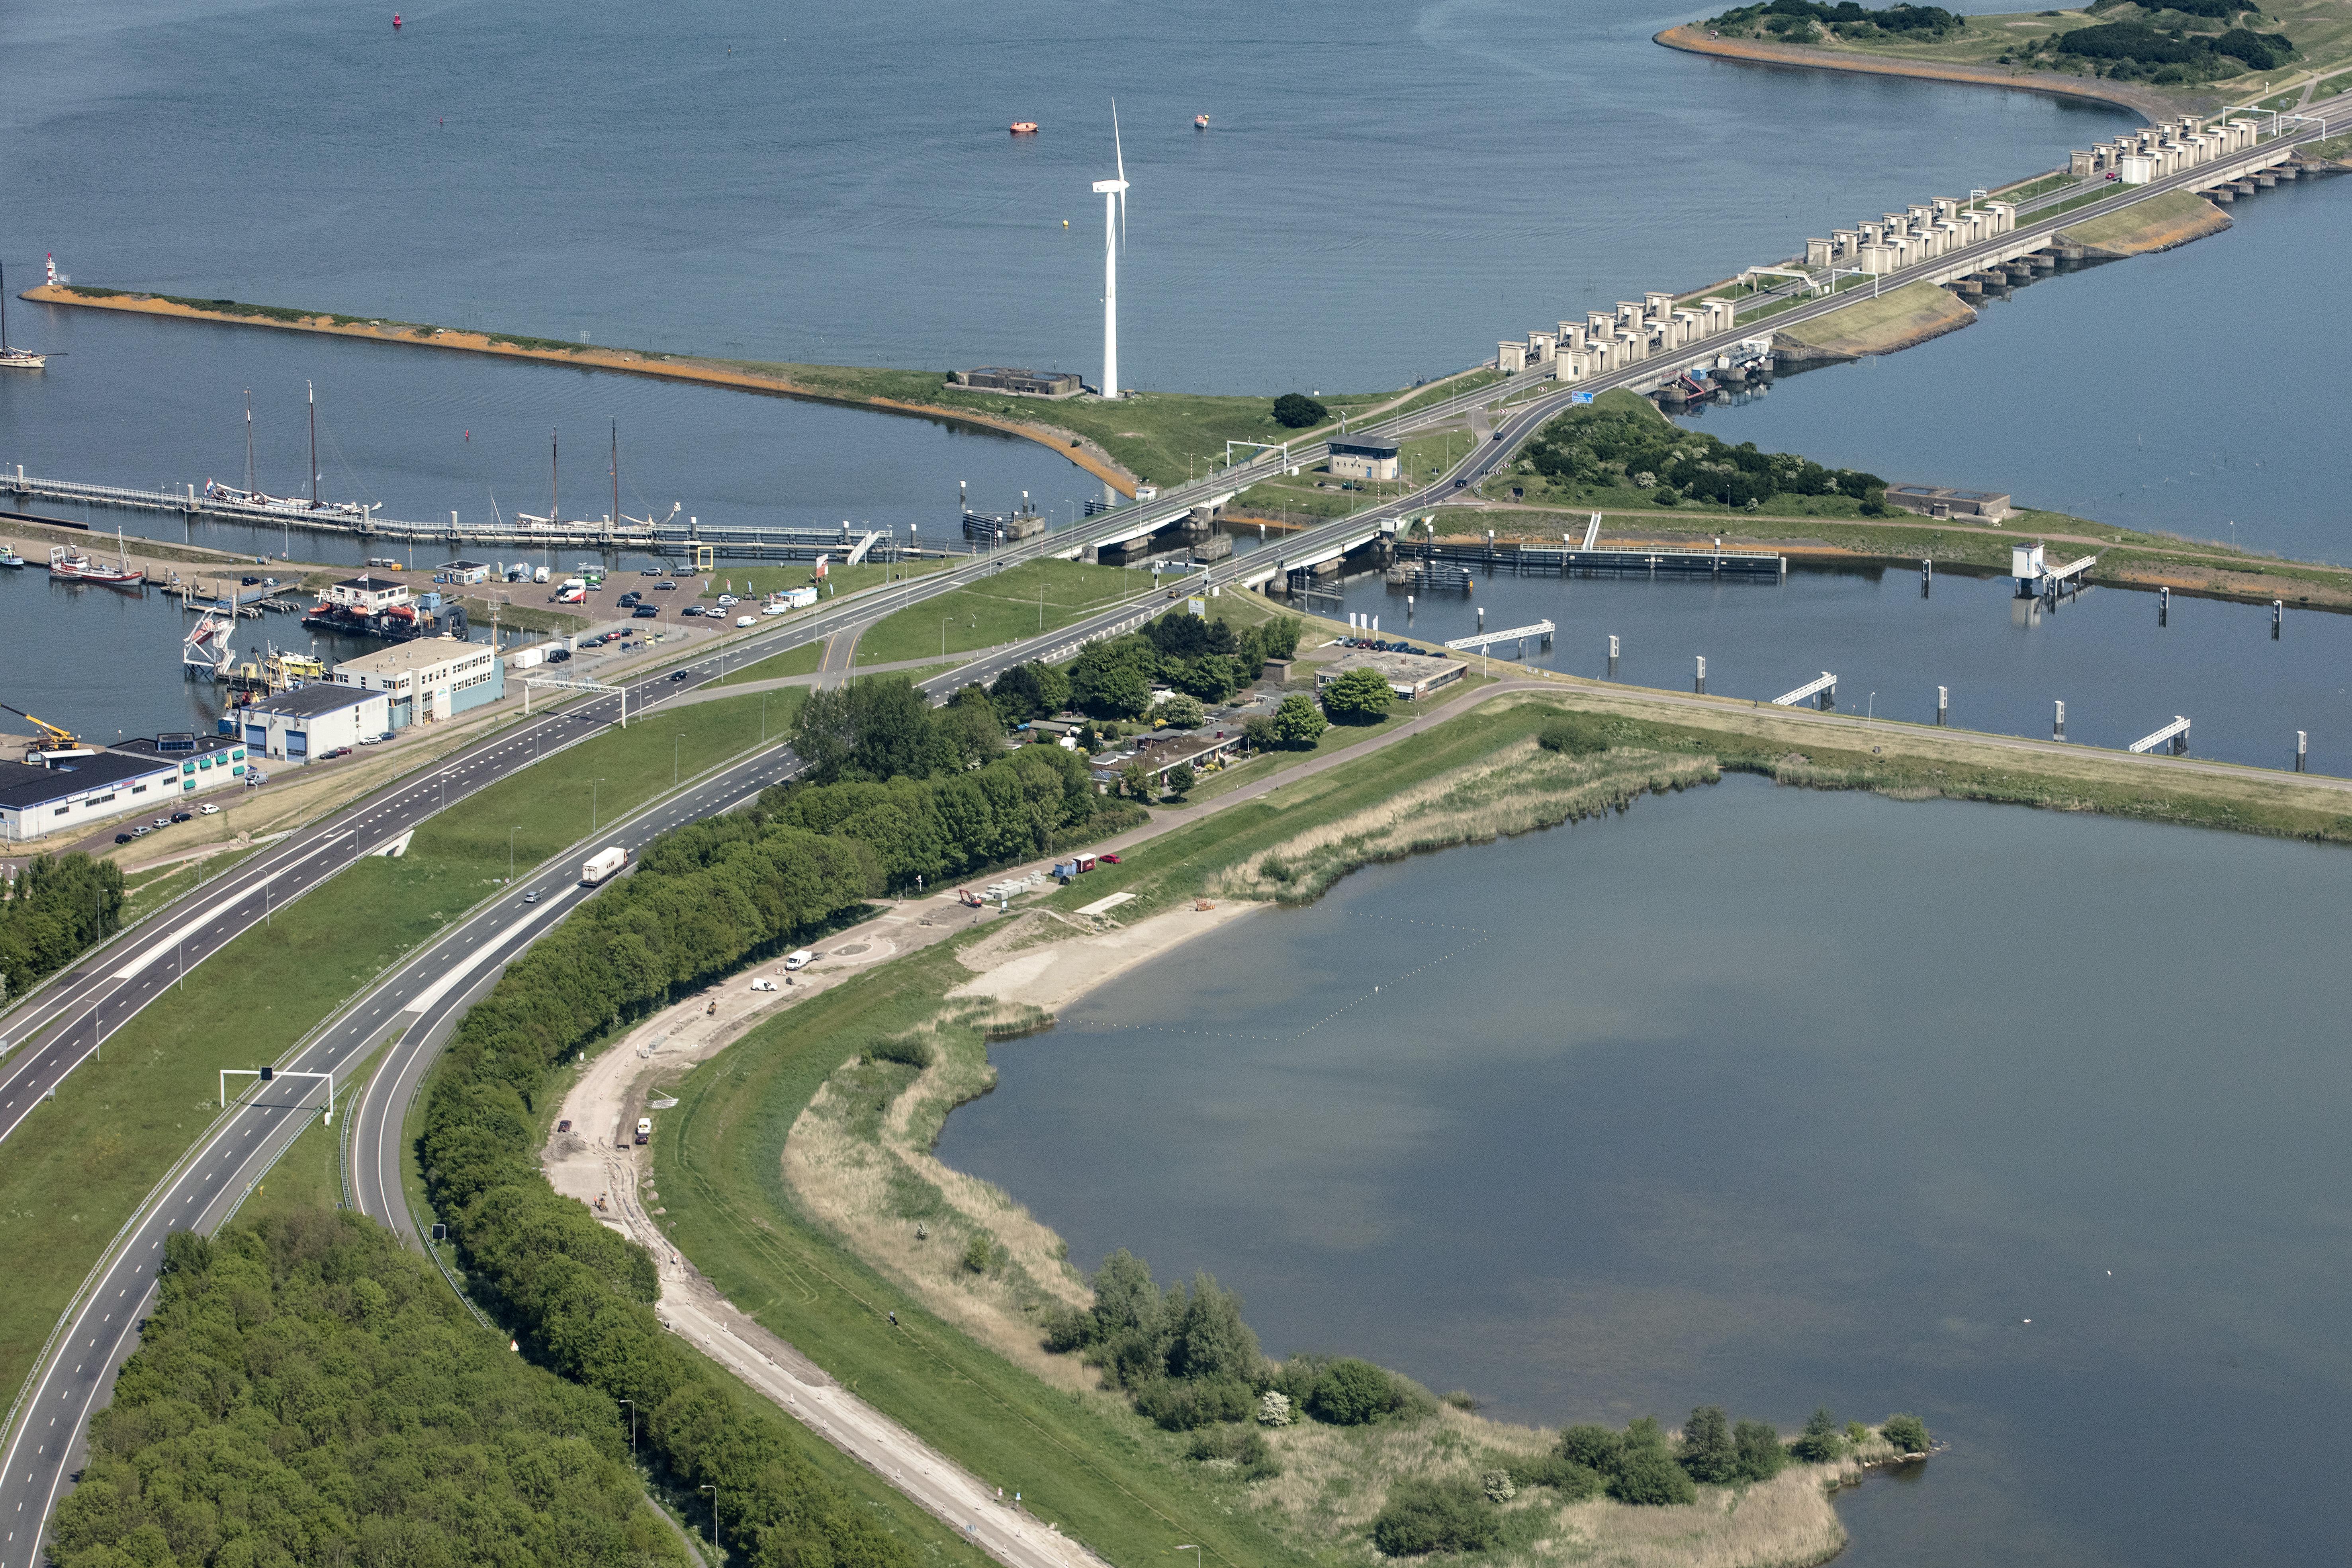 Spoedreparatie aan de Stevinsluizen in Den Oever leidt tot stremming voor de scheepvaart. De klus duurt zo'n veertig uur